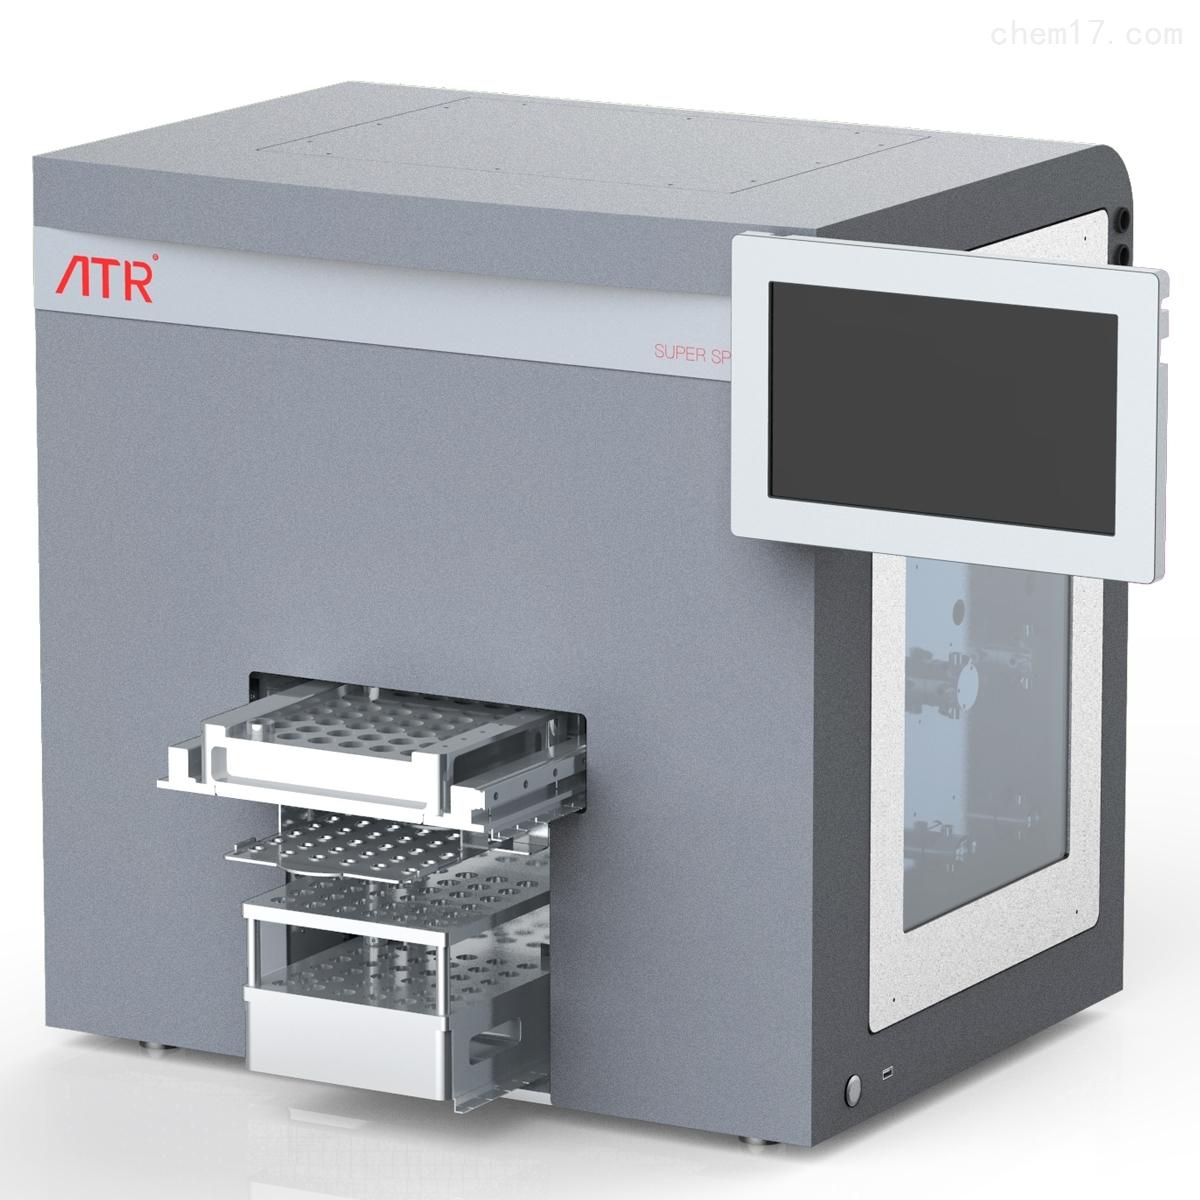 ATR 全自动固相萃取仪